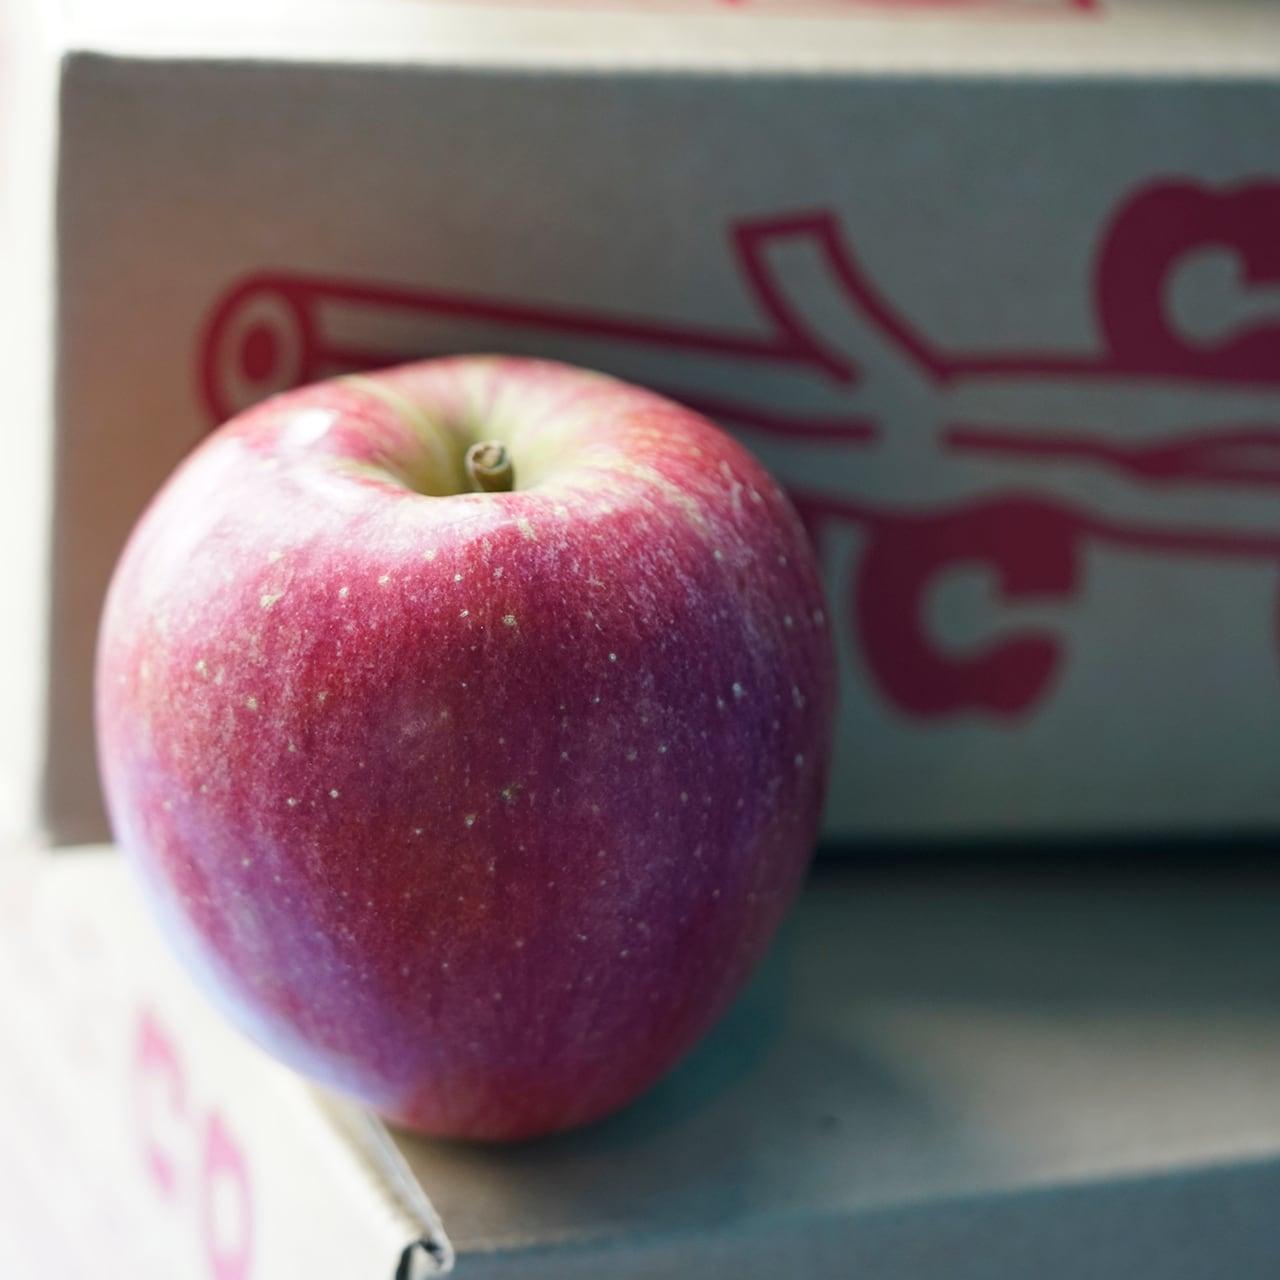 鈴木りんごco. / シナノスイート 3kg 【信州の環境にやさしい農産物50】認定農園